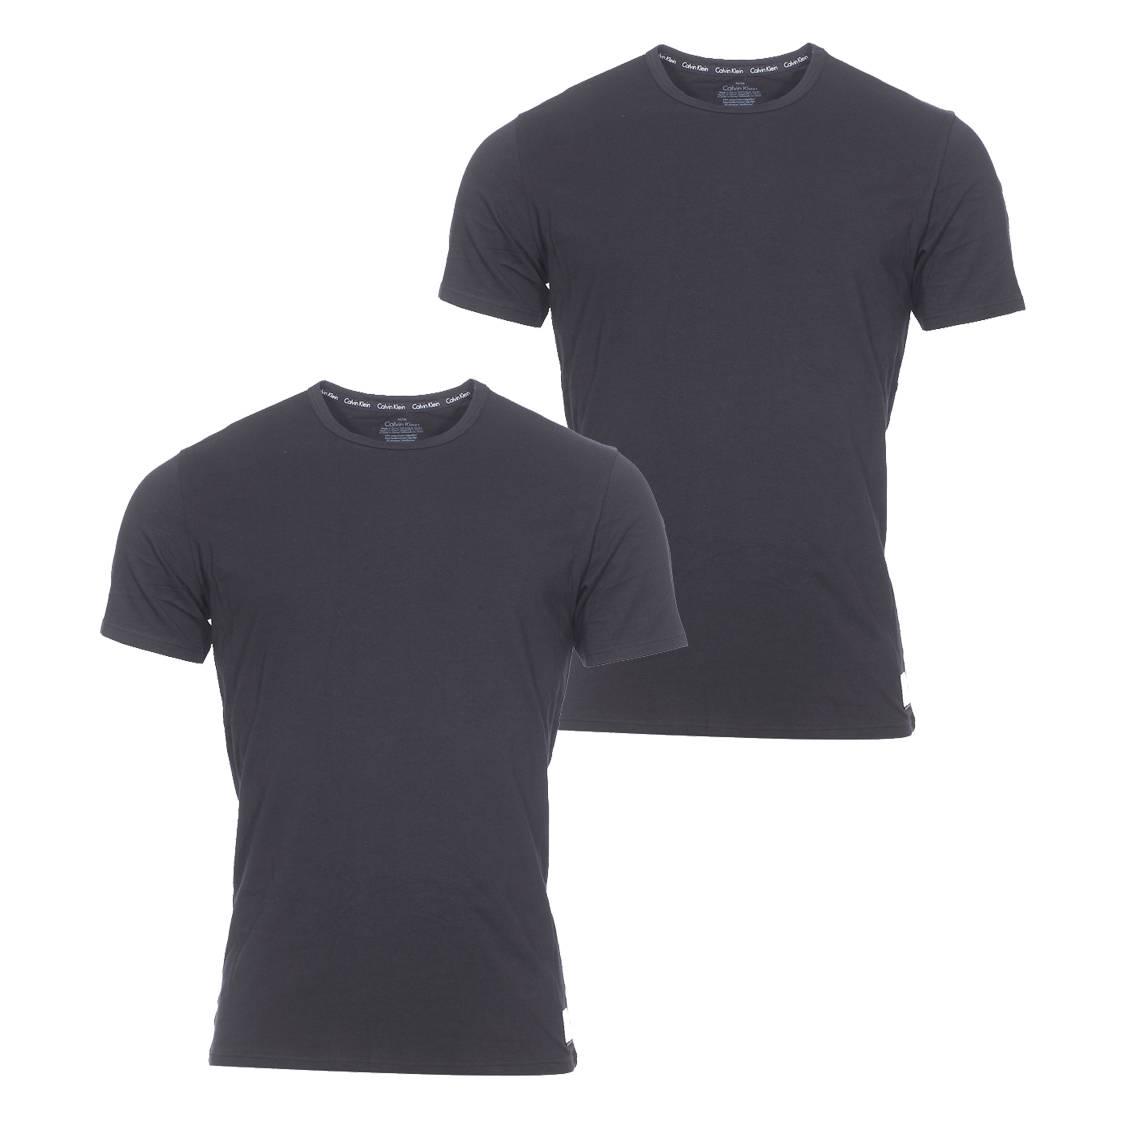 Lot de 2 tee-shirts col rond calvin klein en coton stretch noir